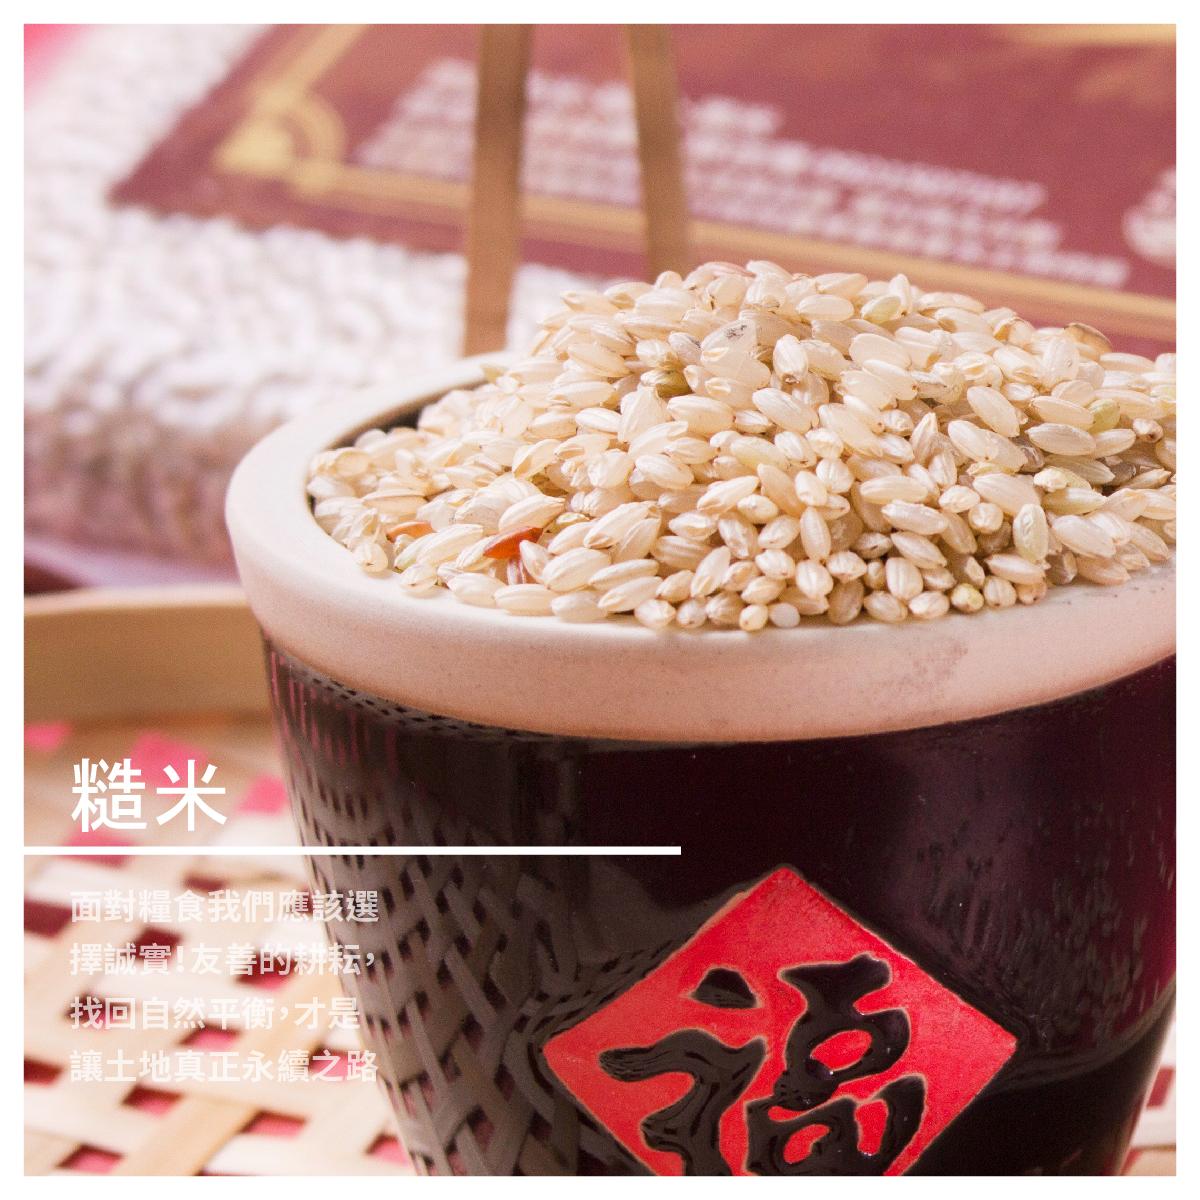 【吉也鮮 吉谷農園】糙米 2公斤 /5包組